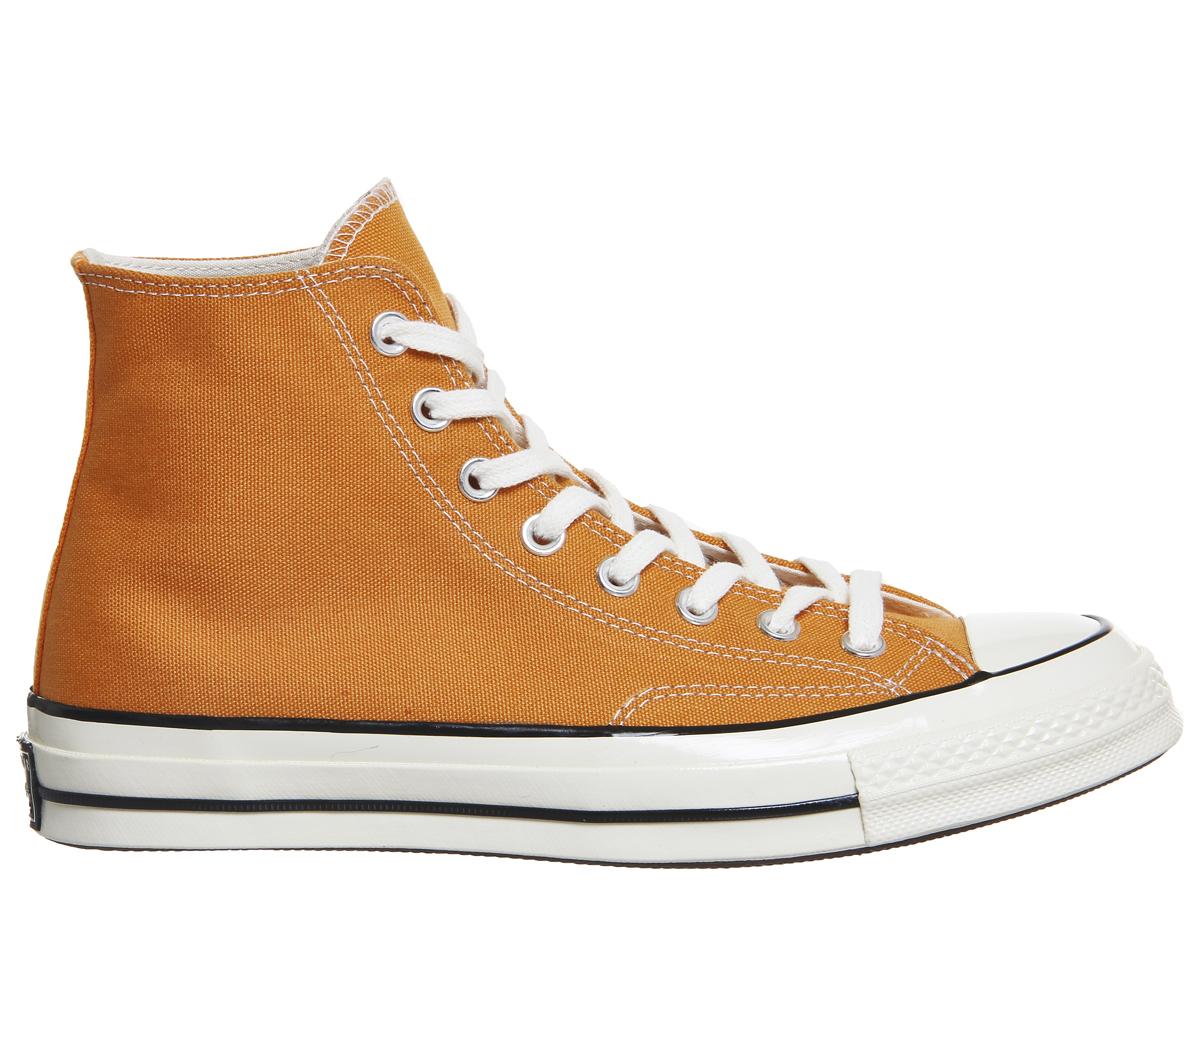 SENTINELLE Mens Converse All Star Hi années 70 formateurs TANGELO AIGRETTE  noire formateurs chaussures